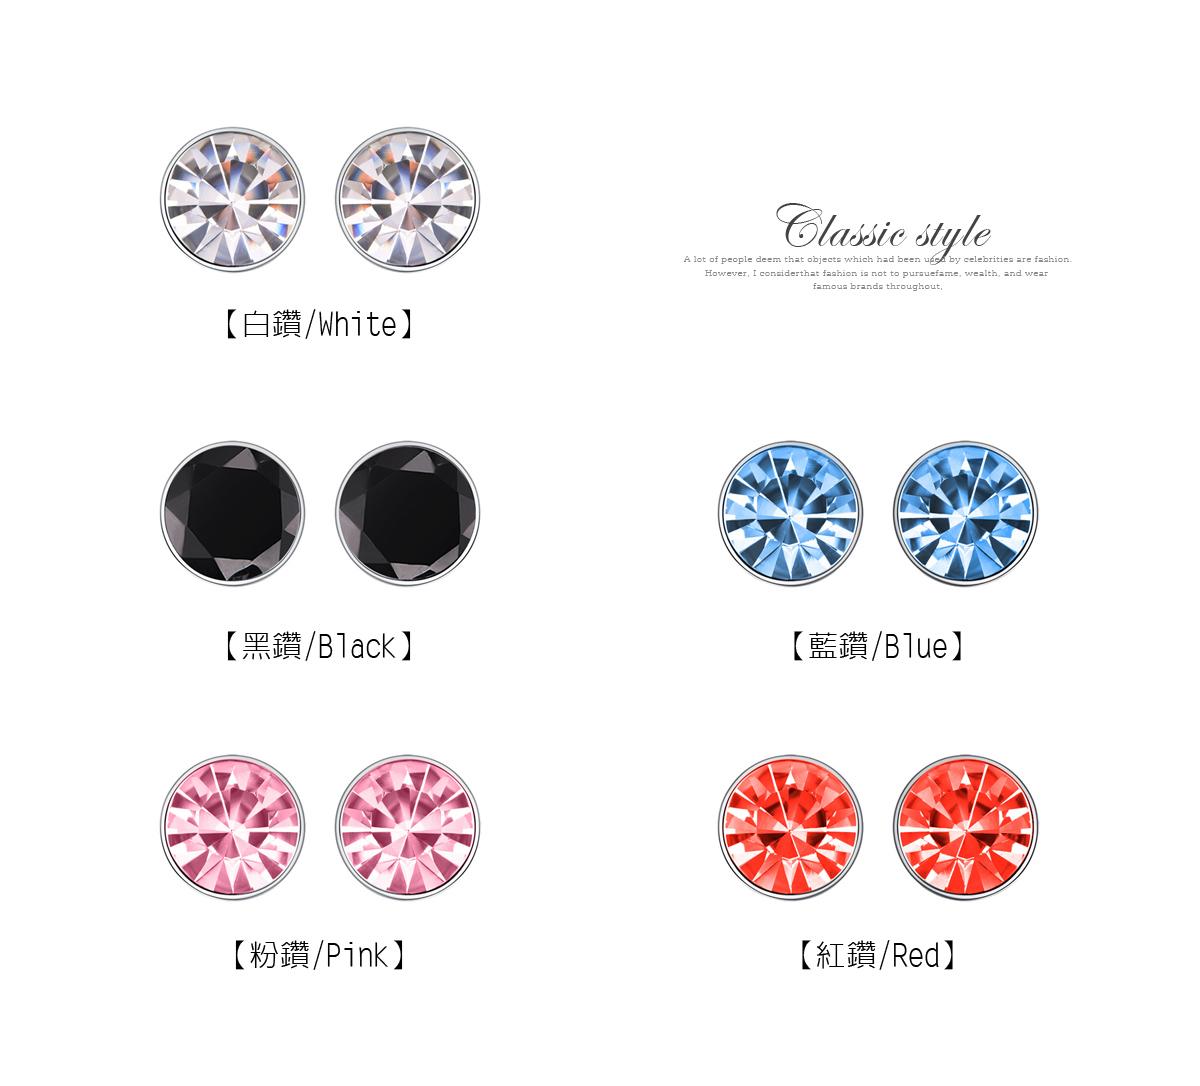 迷你精巧經典圓鑽黏式耳環 (5mm),白鑽,黑鑽,藍鑽,粉鑽,紅鑽